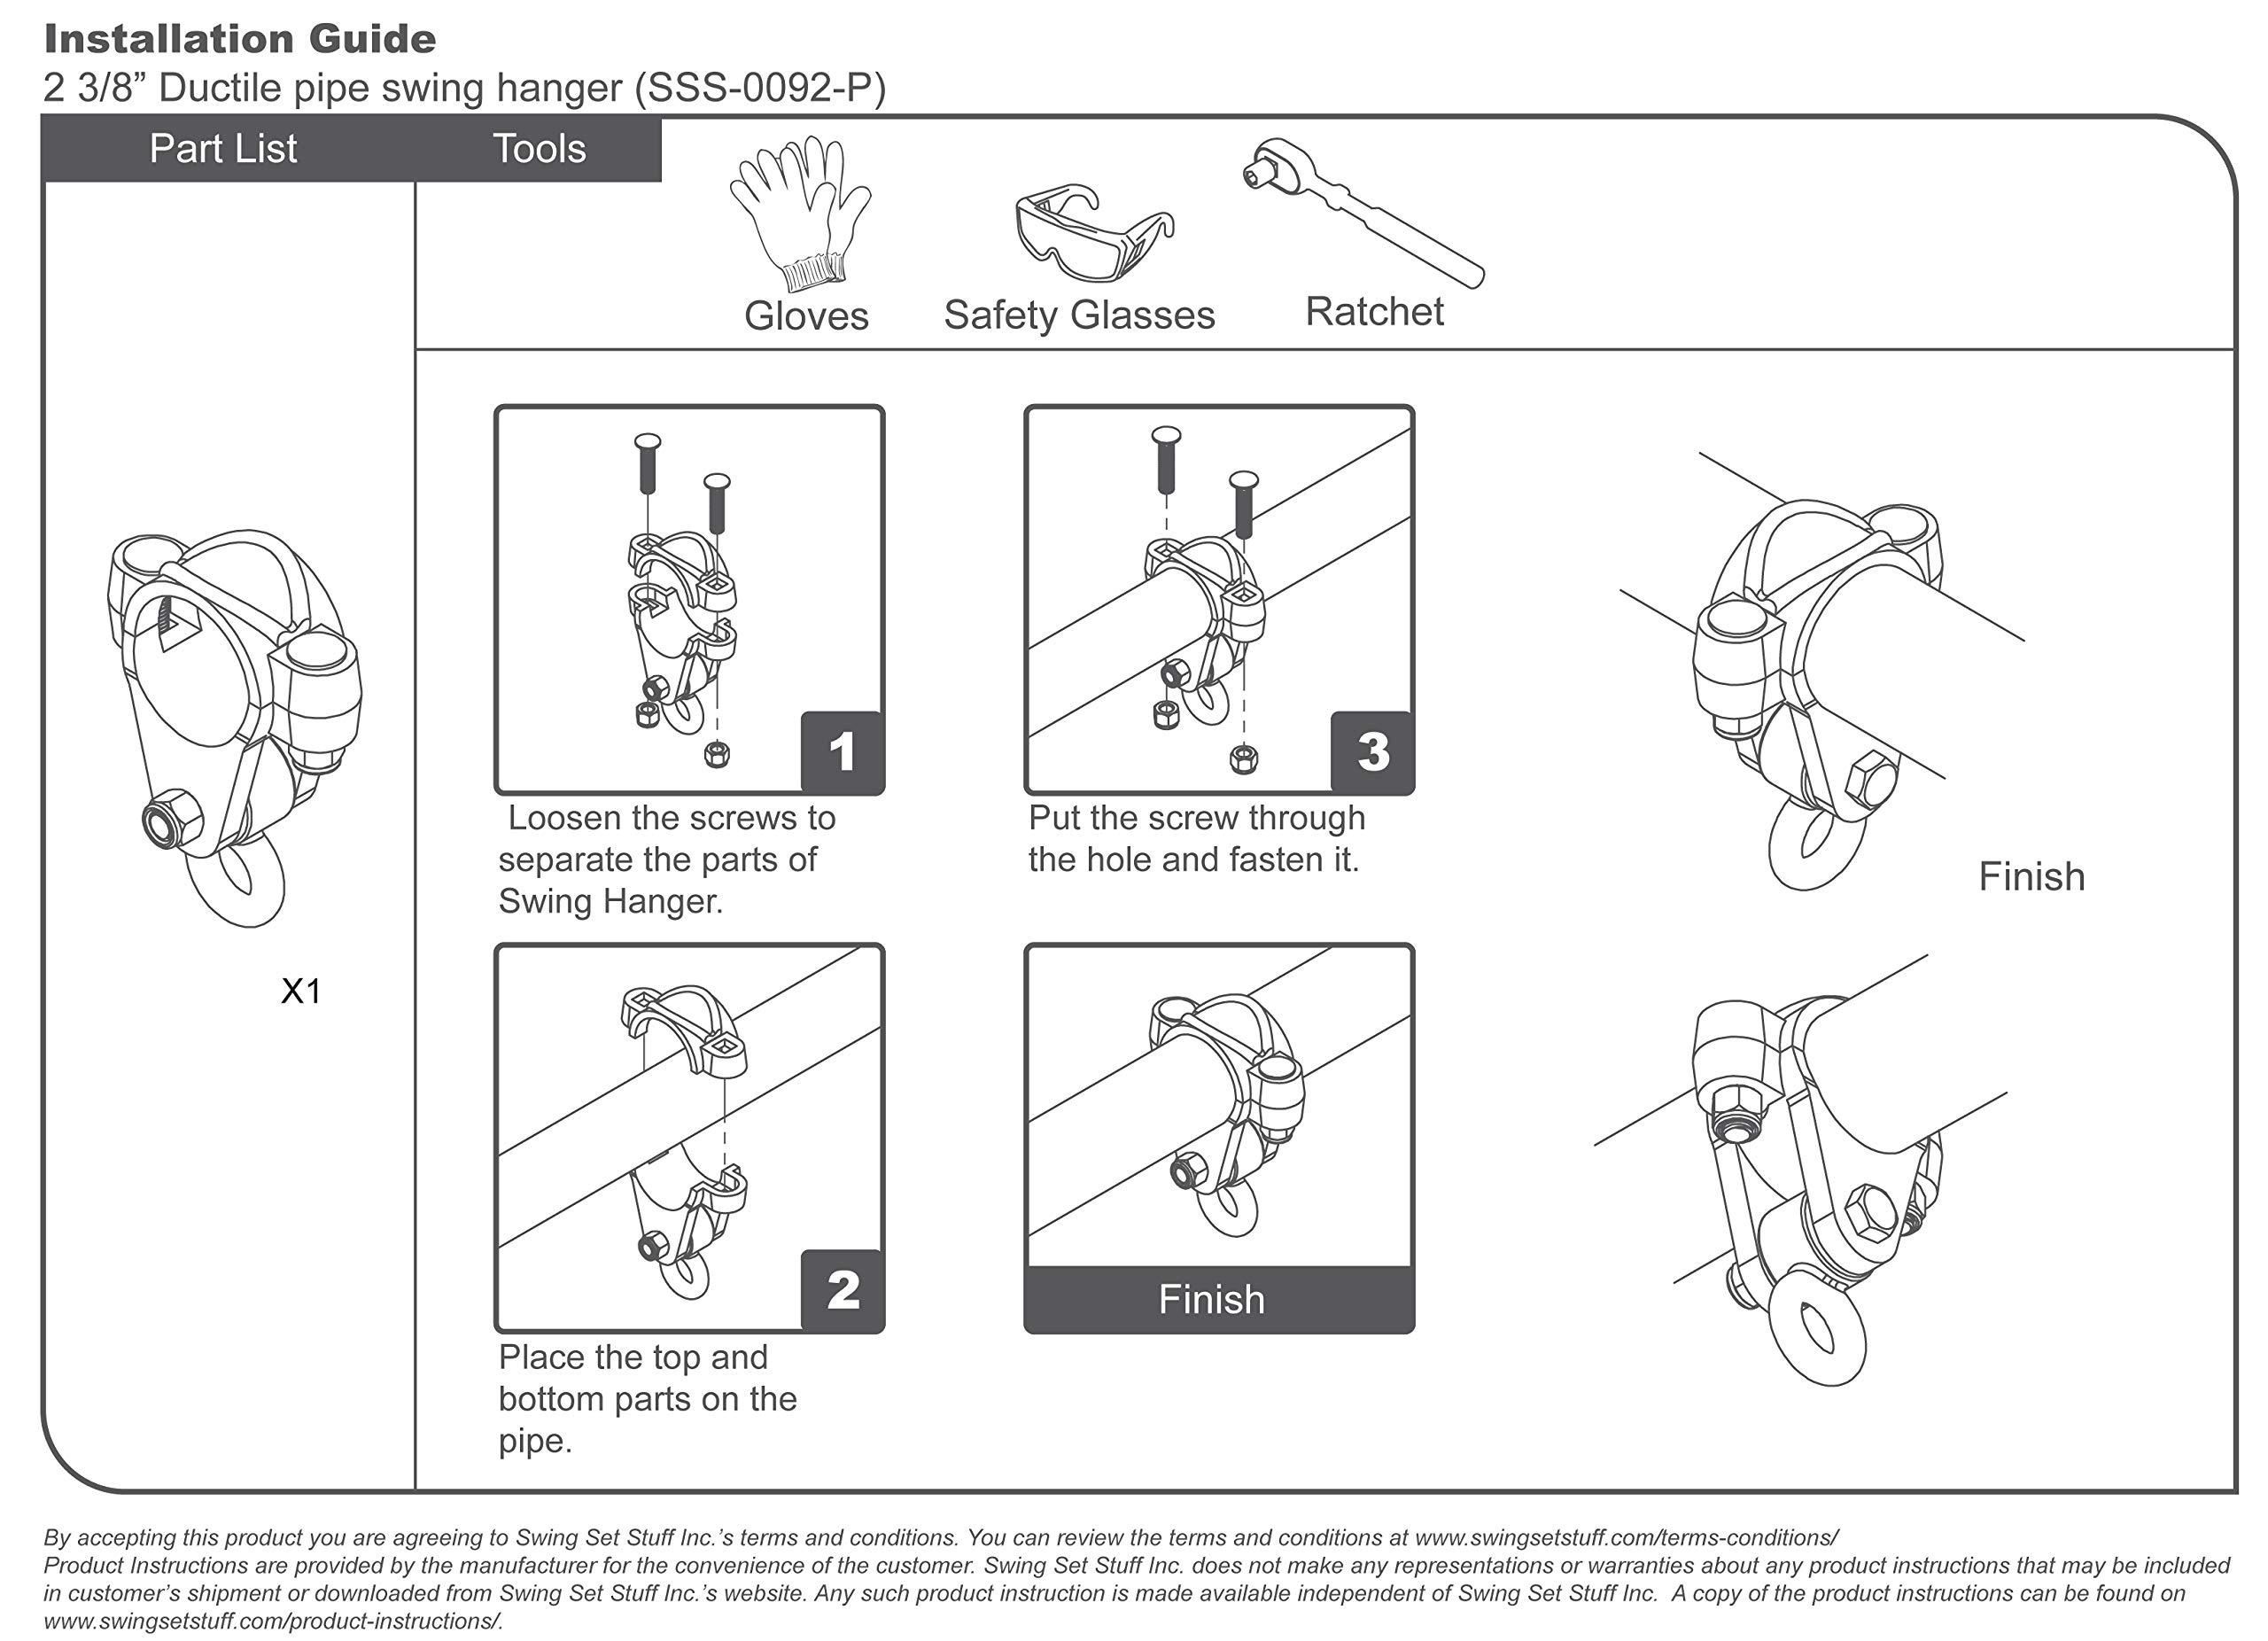 Swing Set Stuff Ductile Pipe Swing Hanger with SSS Logo Sticker, 2 3/8'' by Swing Set Stuff Inc.